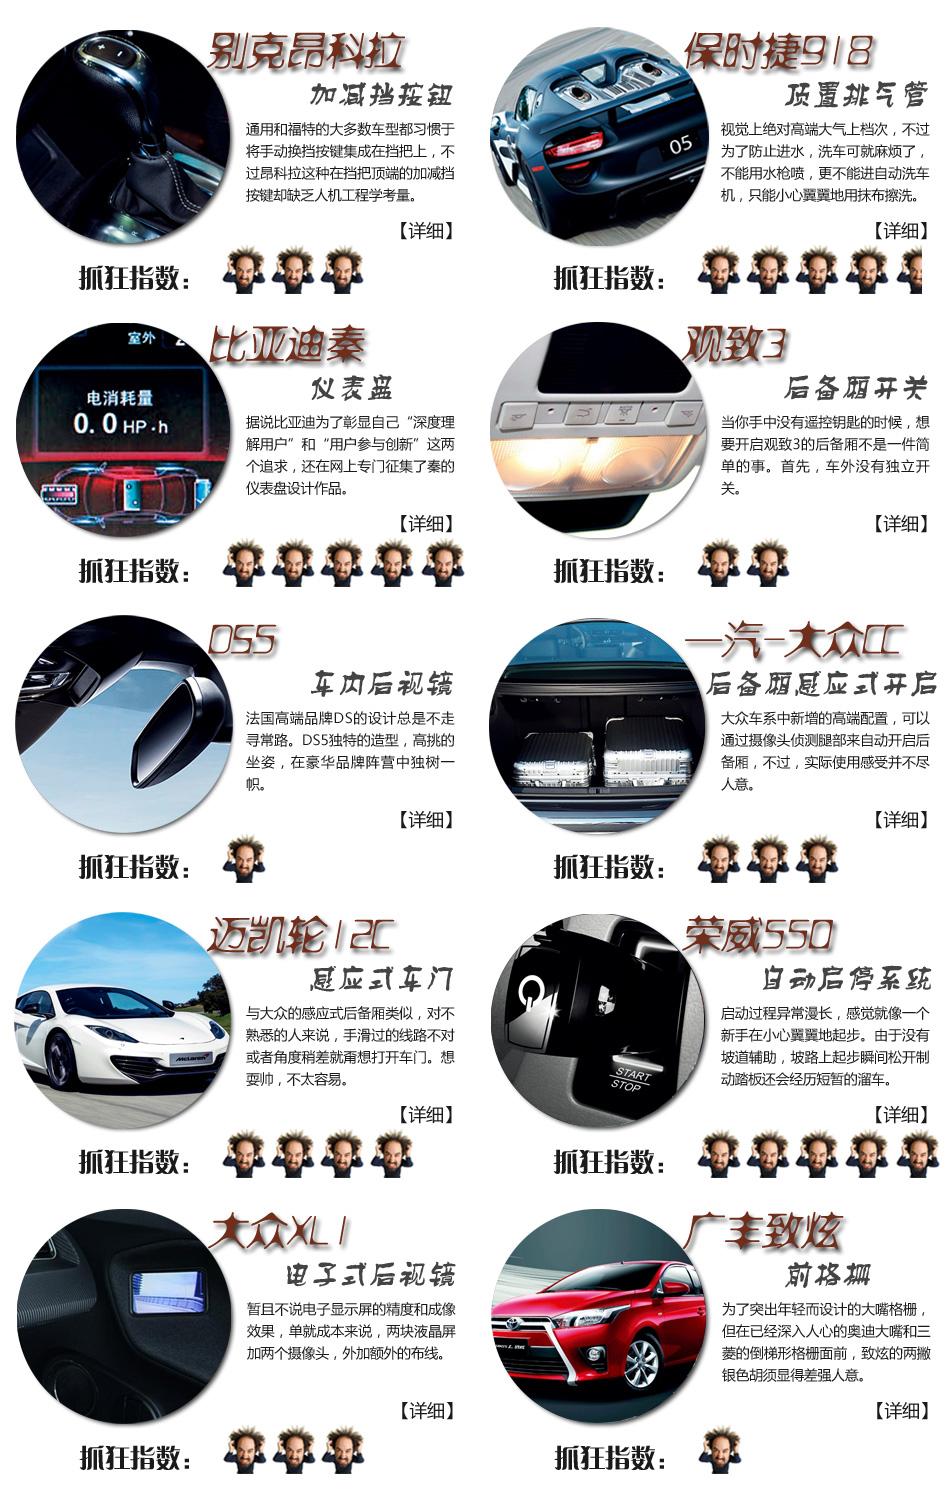 最让人抓狂的10个汽车设计_新浪时尚_新浪网